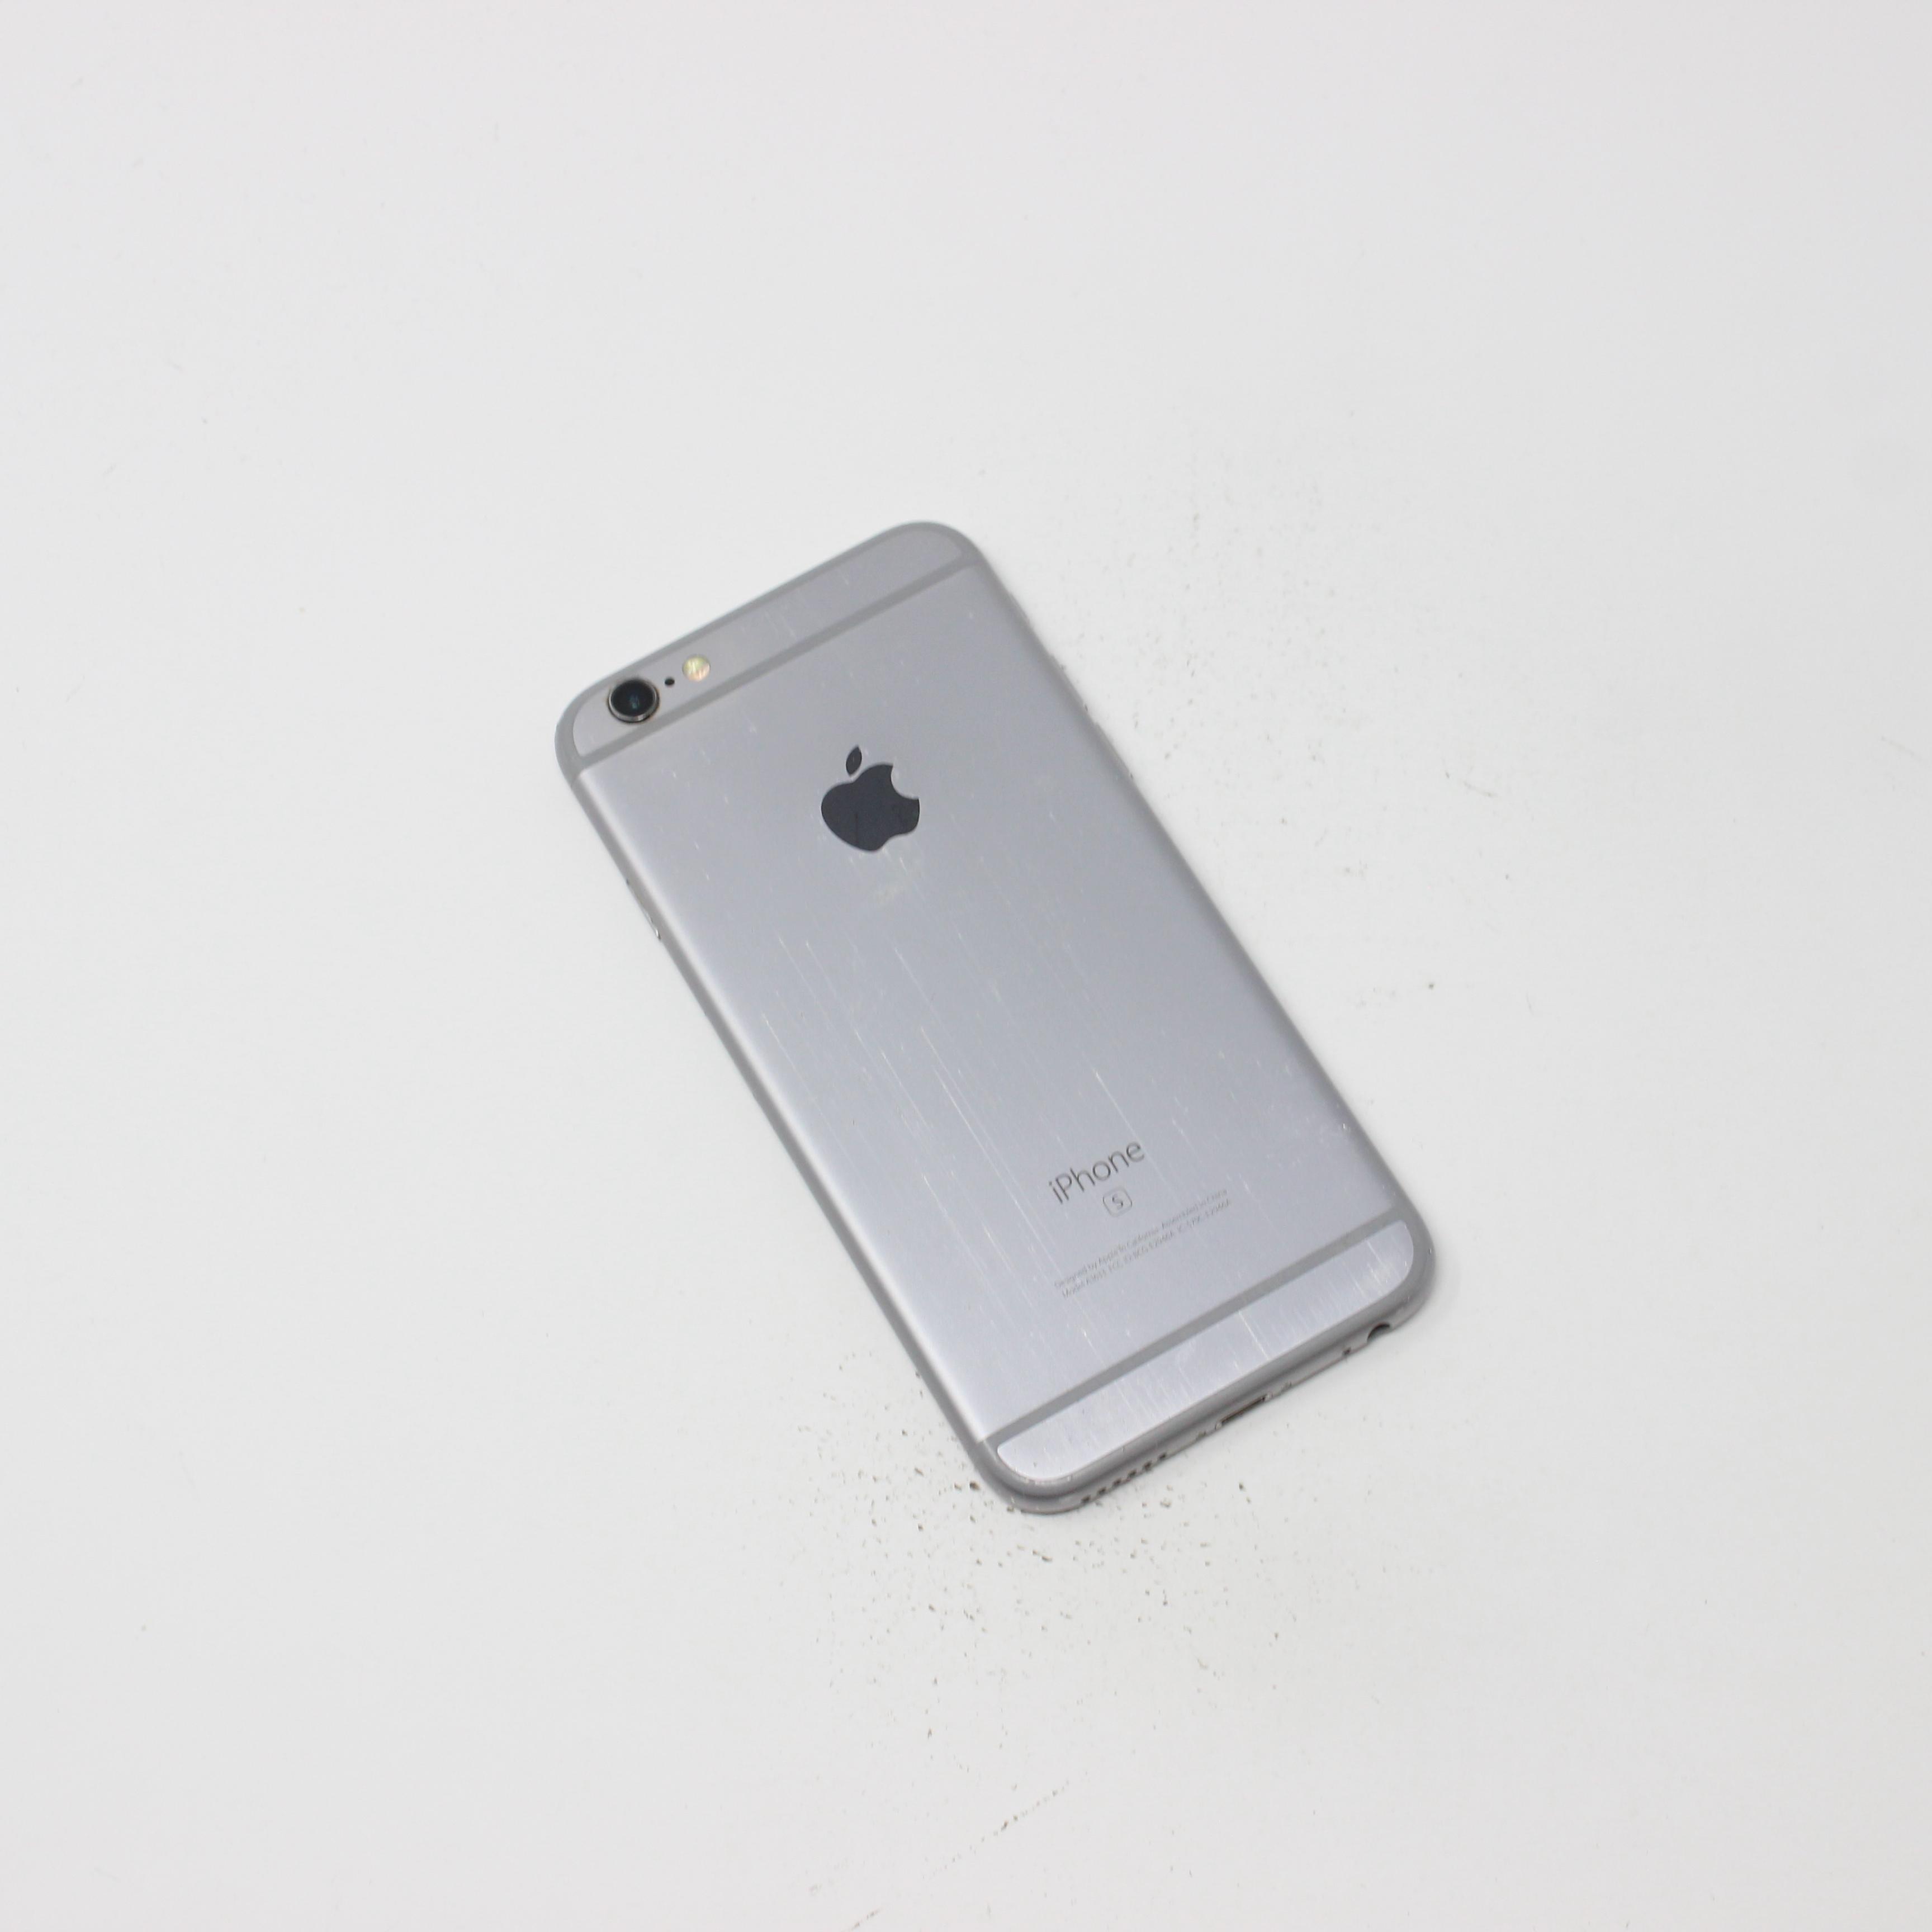 iPhone 6S 16GB Space Gray - AT&T photo 3 | UpTradeit.com